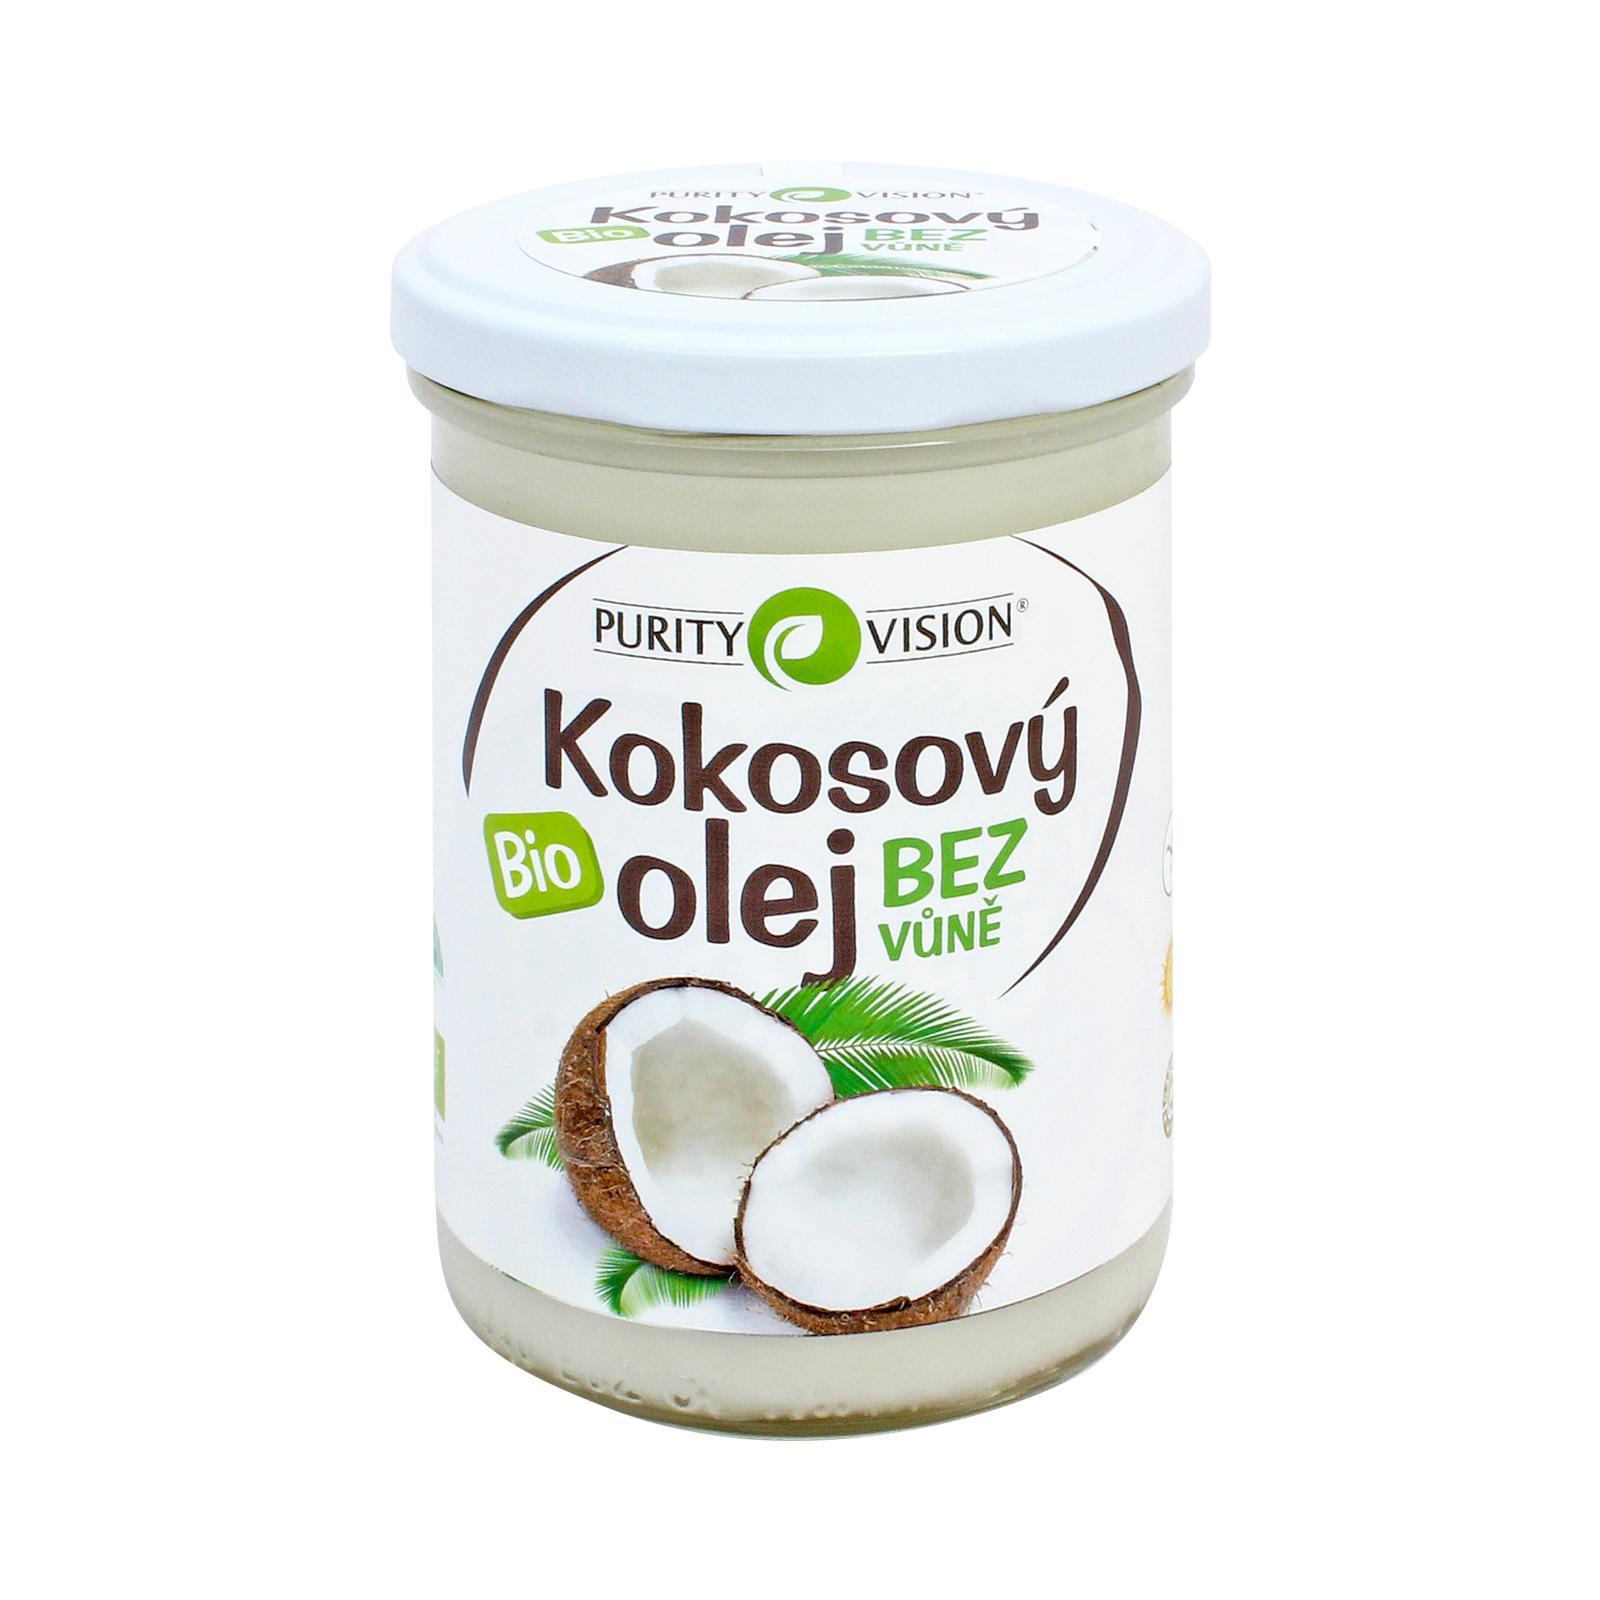 Purity Vision Kokosový olej bez vůně, bio 400 ml